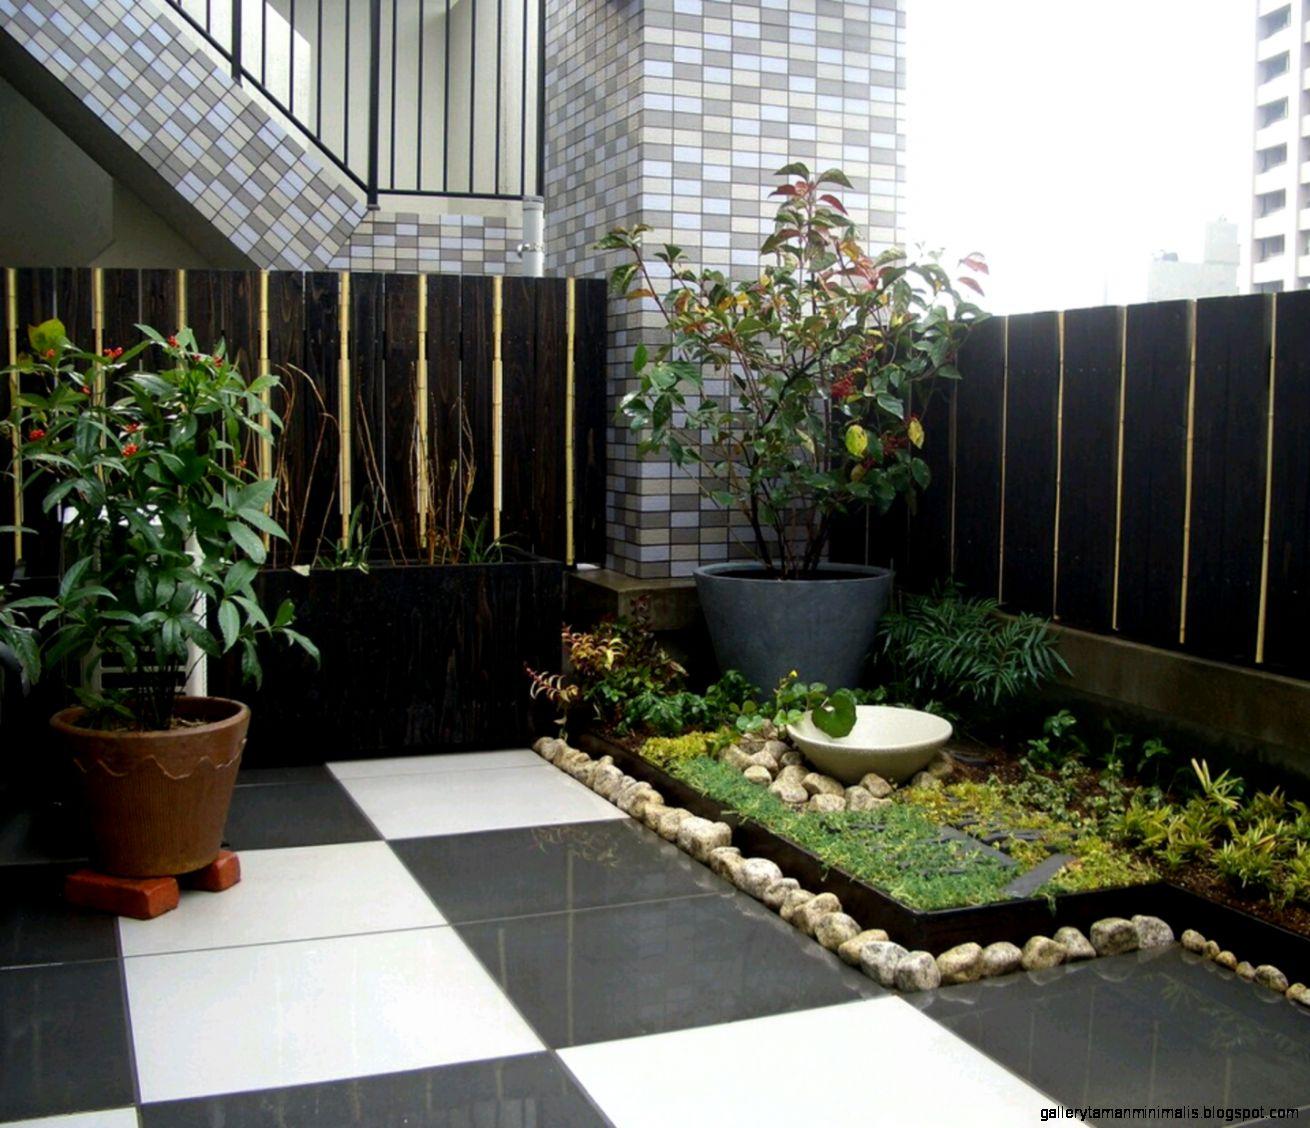 Design Rumah Sederhana: Desain Taman Cluster